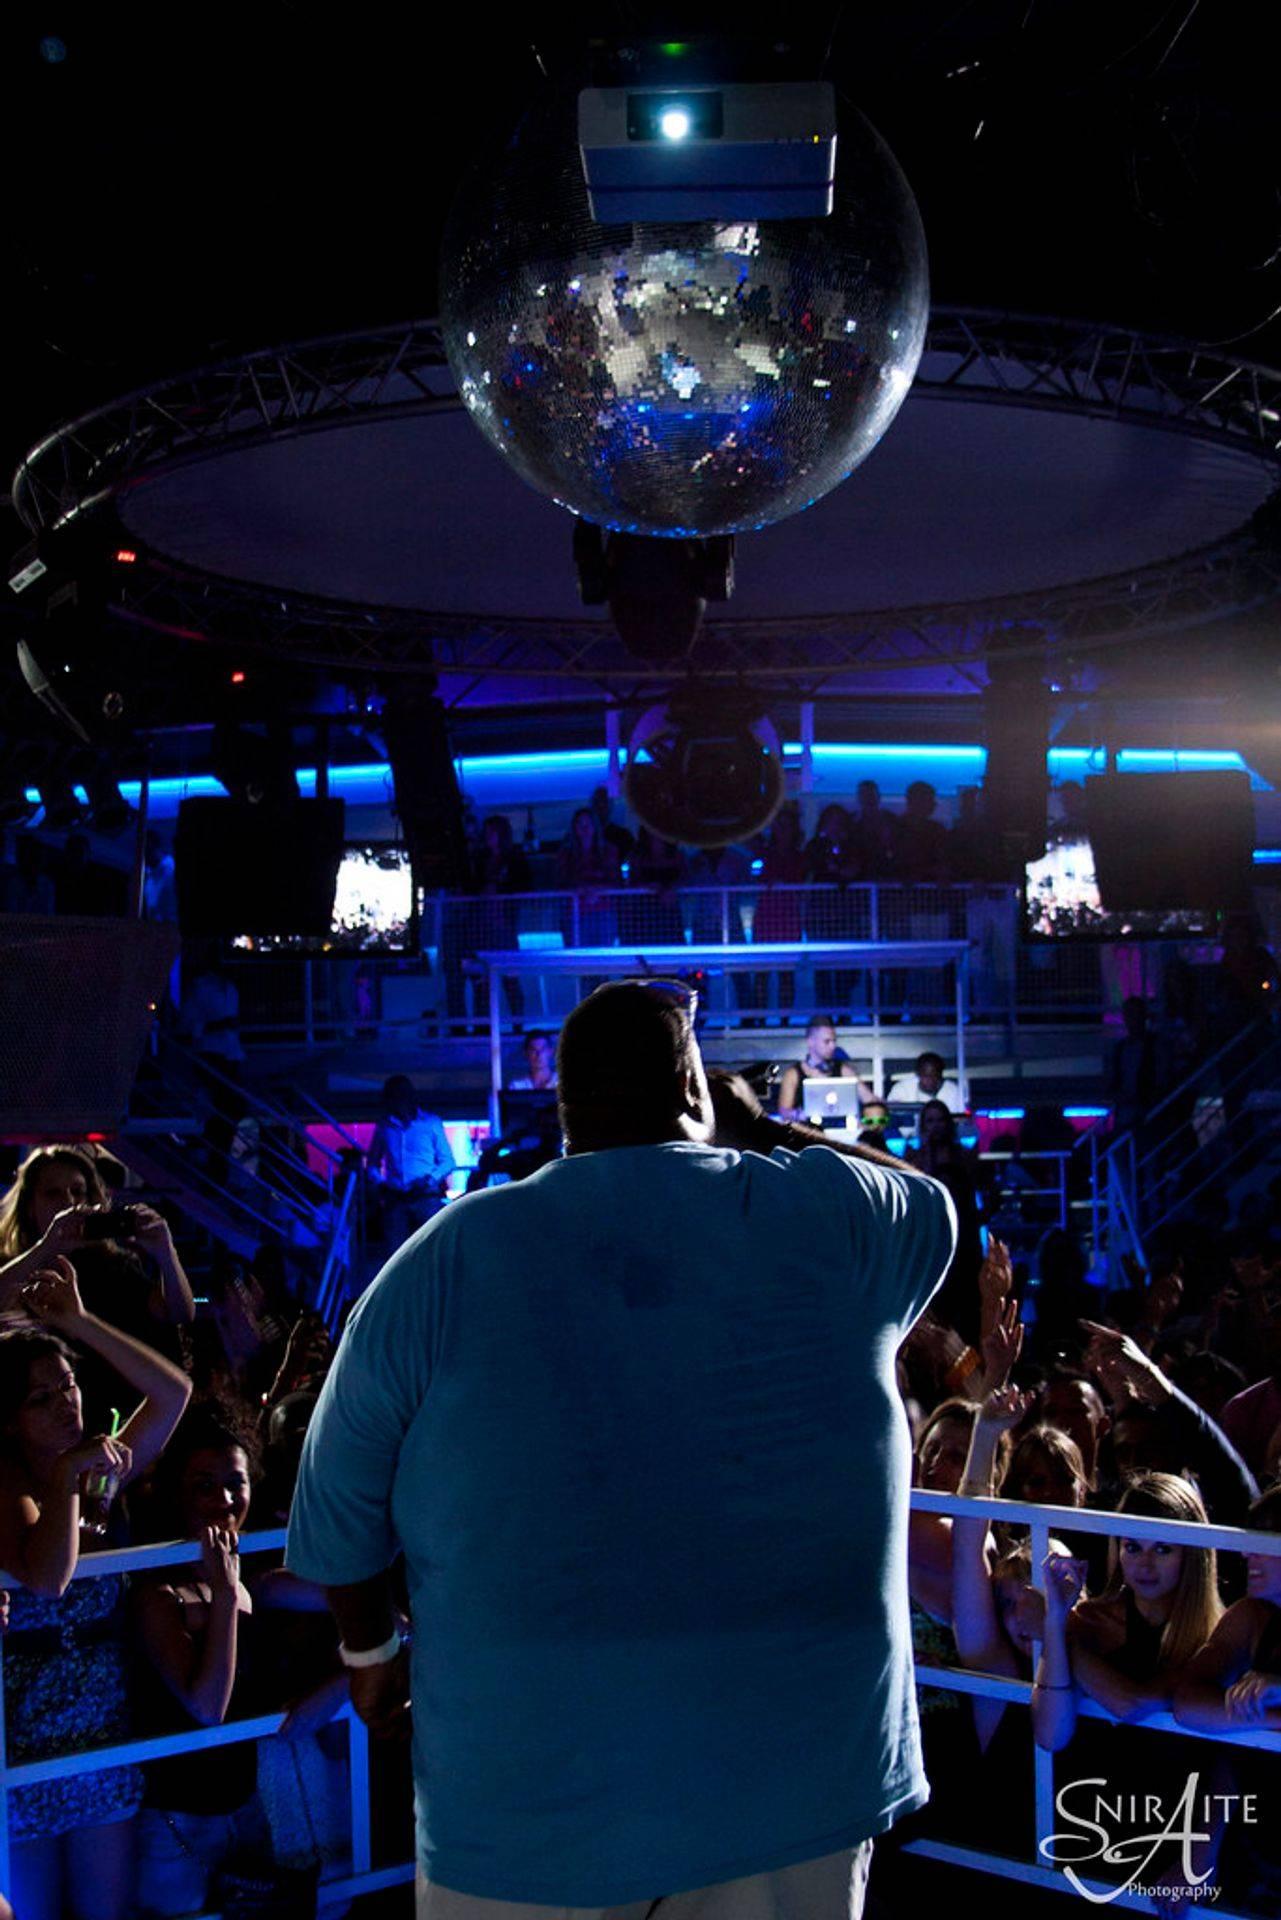 Navettes spéciales discothèques